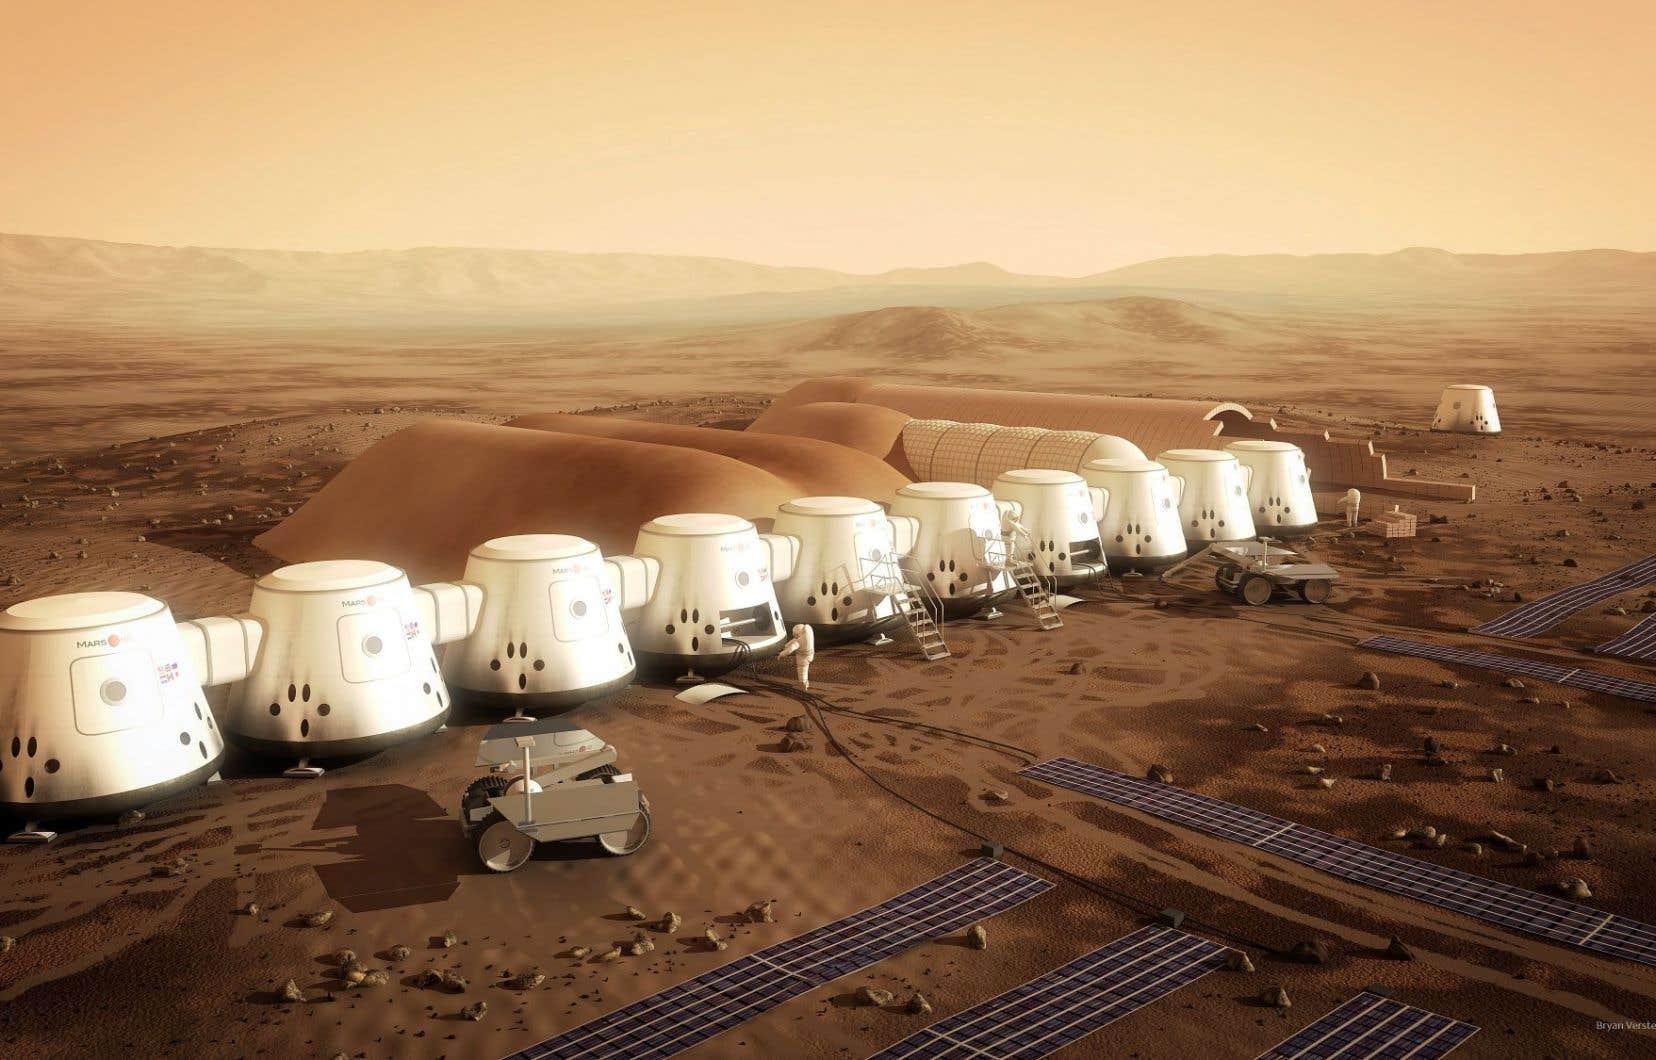 Le projet Mars One vise à coloniser la planète Mars à partir de 2024. Si le voeux de son son idéateur se réalisent, quatre volontaires prendront alors un aller simple pour la planète rouge.